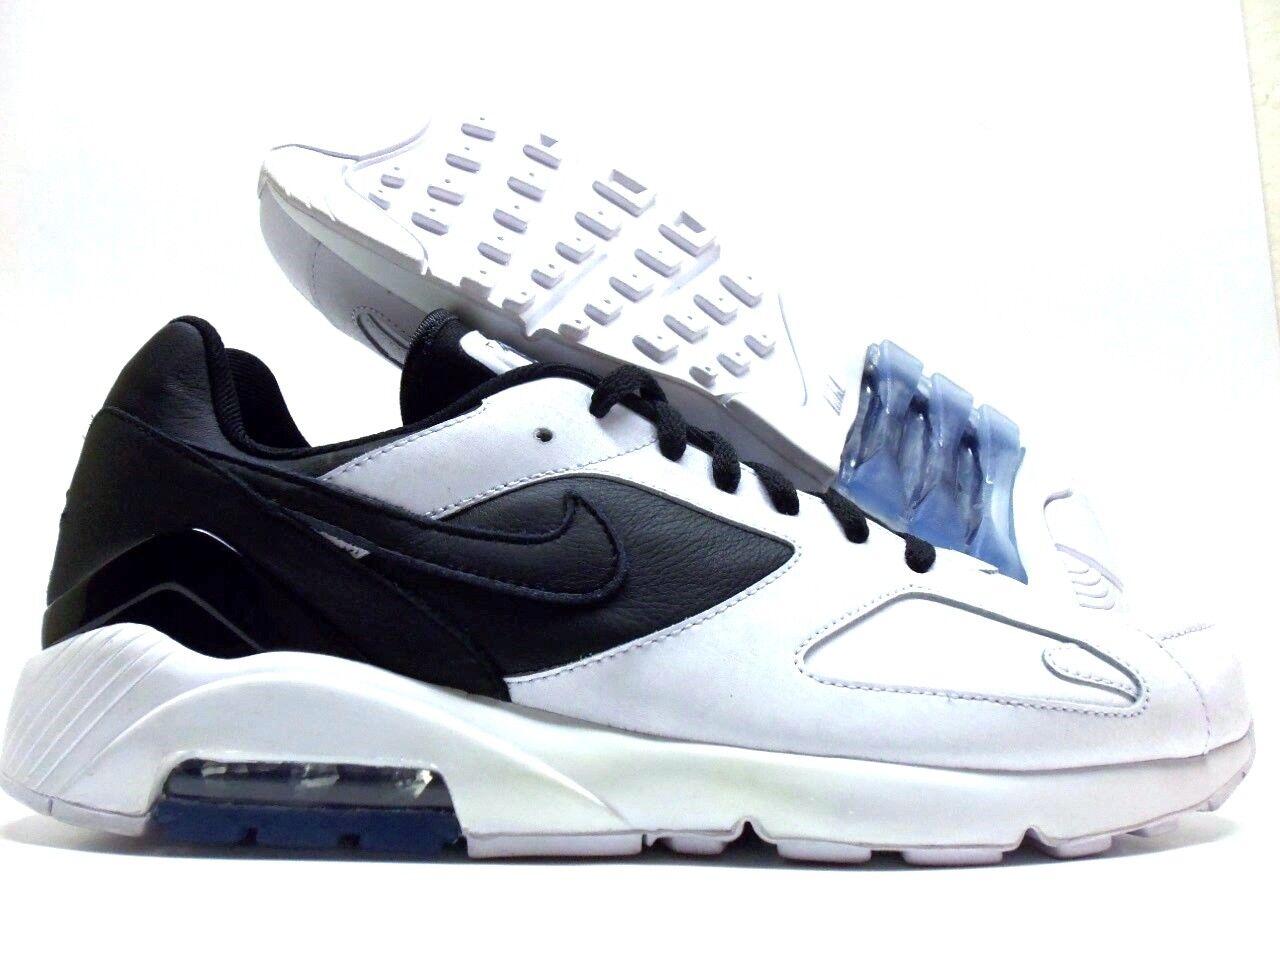 NIKE AIR MAX 180 ID WHITE BLACK-WHITE SIZE MEN'S 11 [BQ0739-991]